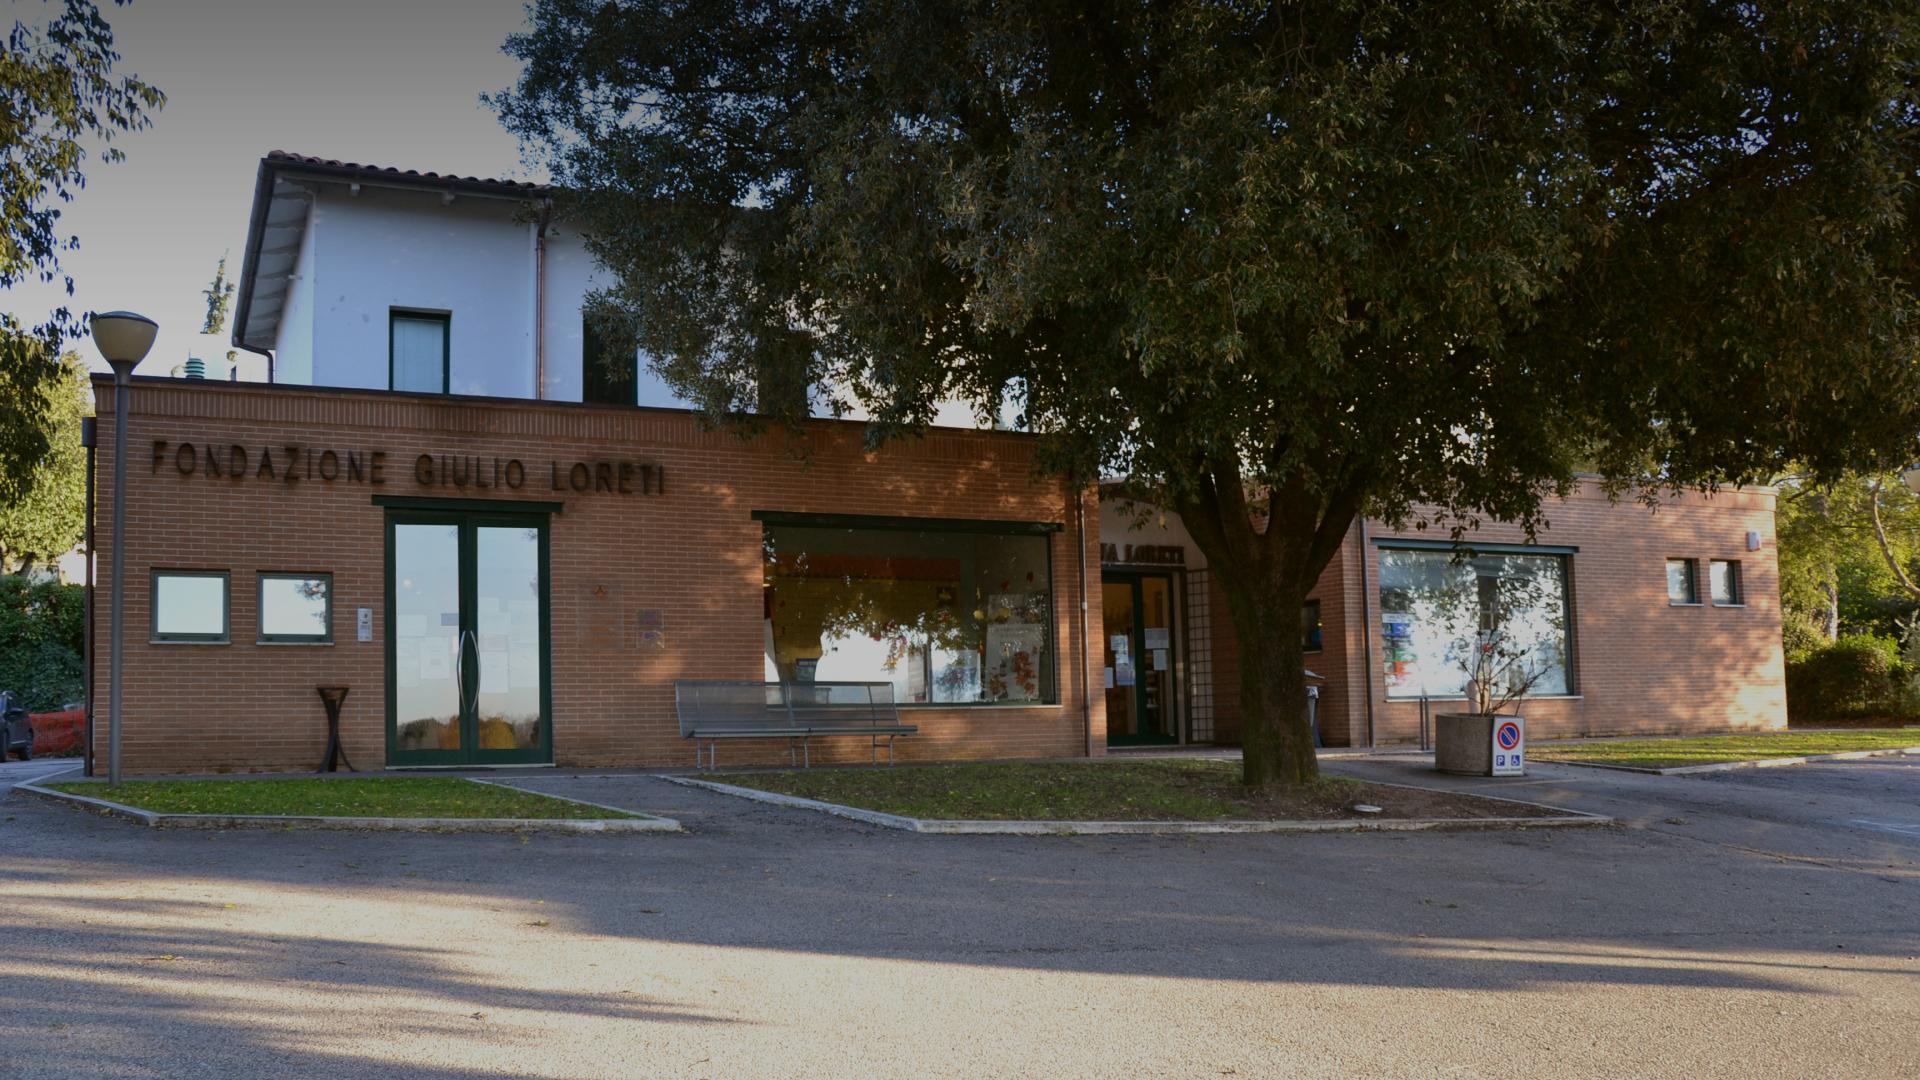 Fondazione Giulio Loreti